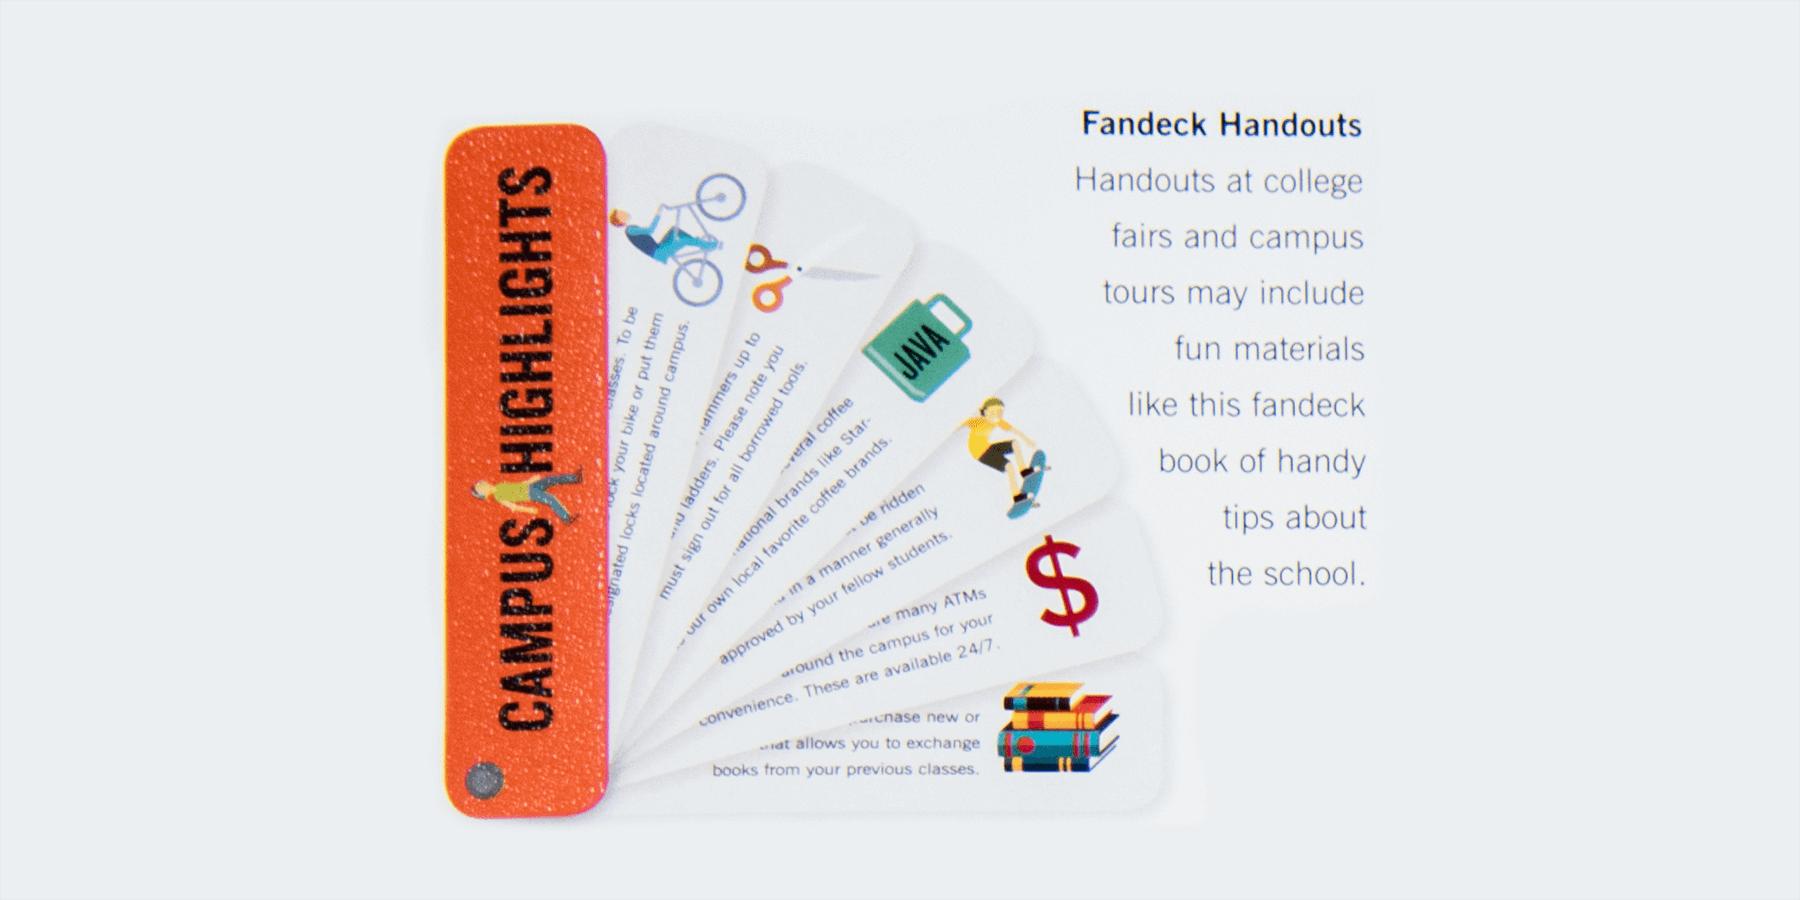 Fandeck Handouts